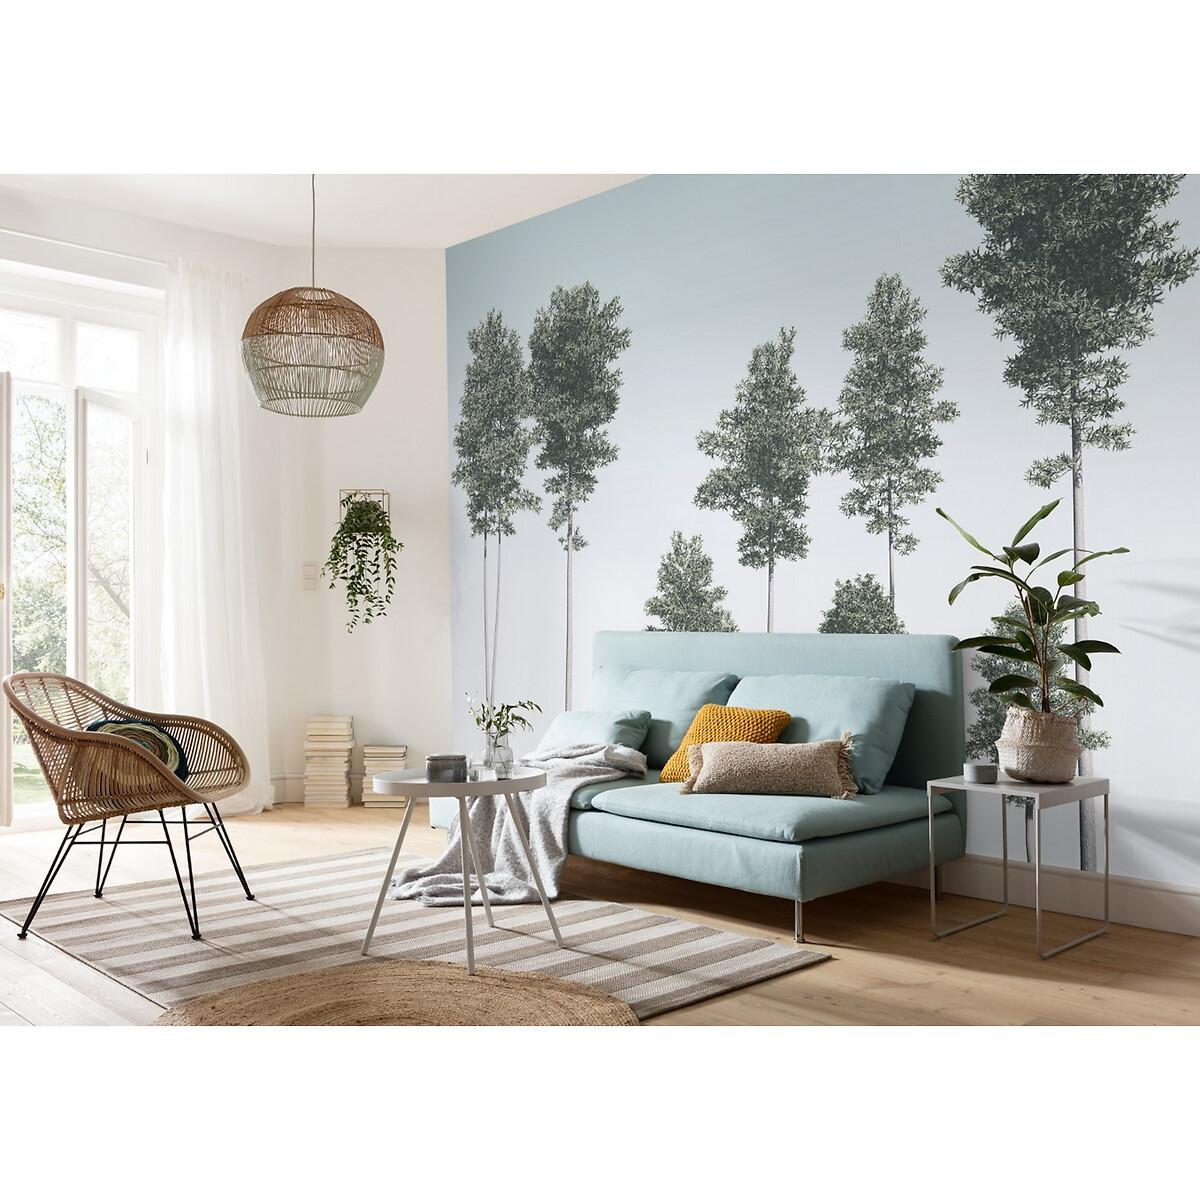 INTERELIFE - Interelife Papel de parede foto mural Pines, da Interelife